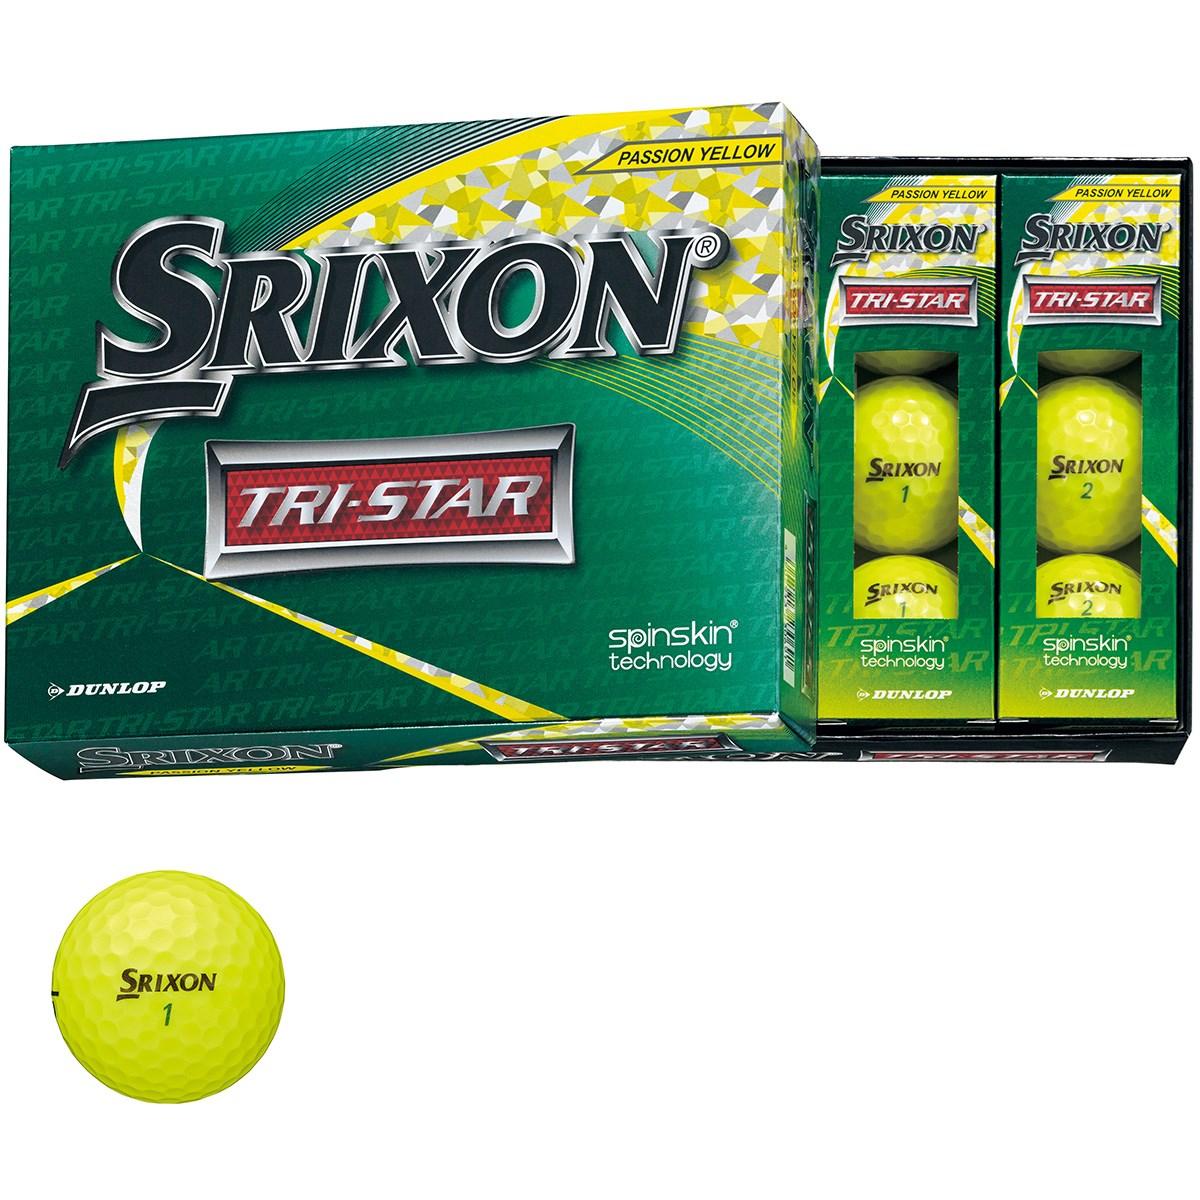 ダンロップ SRIXON スリクソン TRI-STAR 3 ボール 1ダース(12個入り) プレミアムパッションイエロー